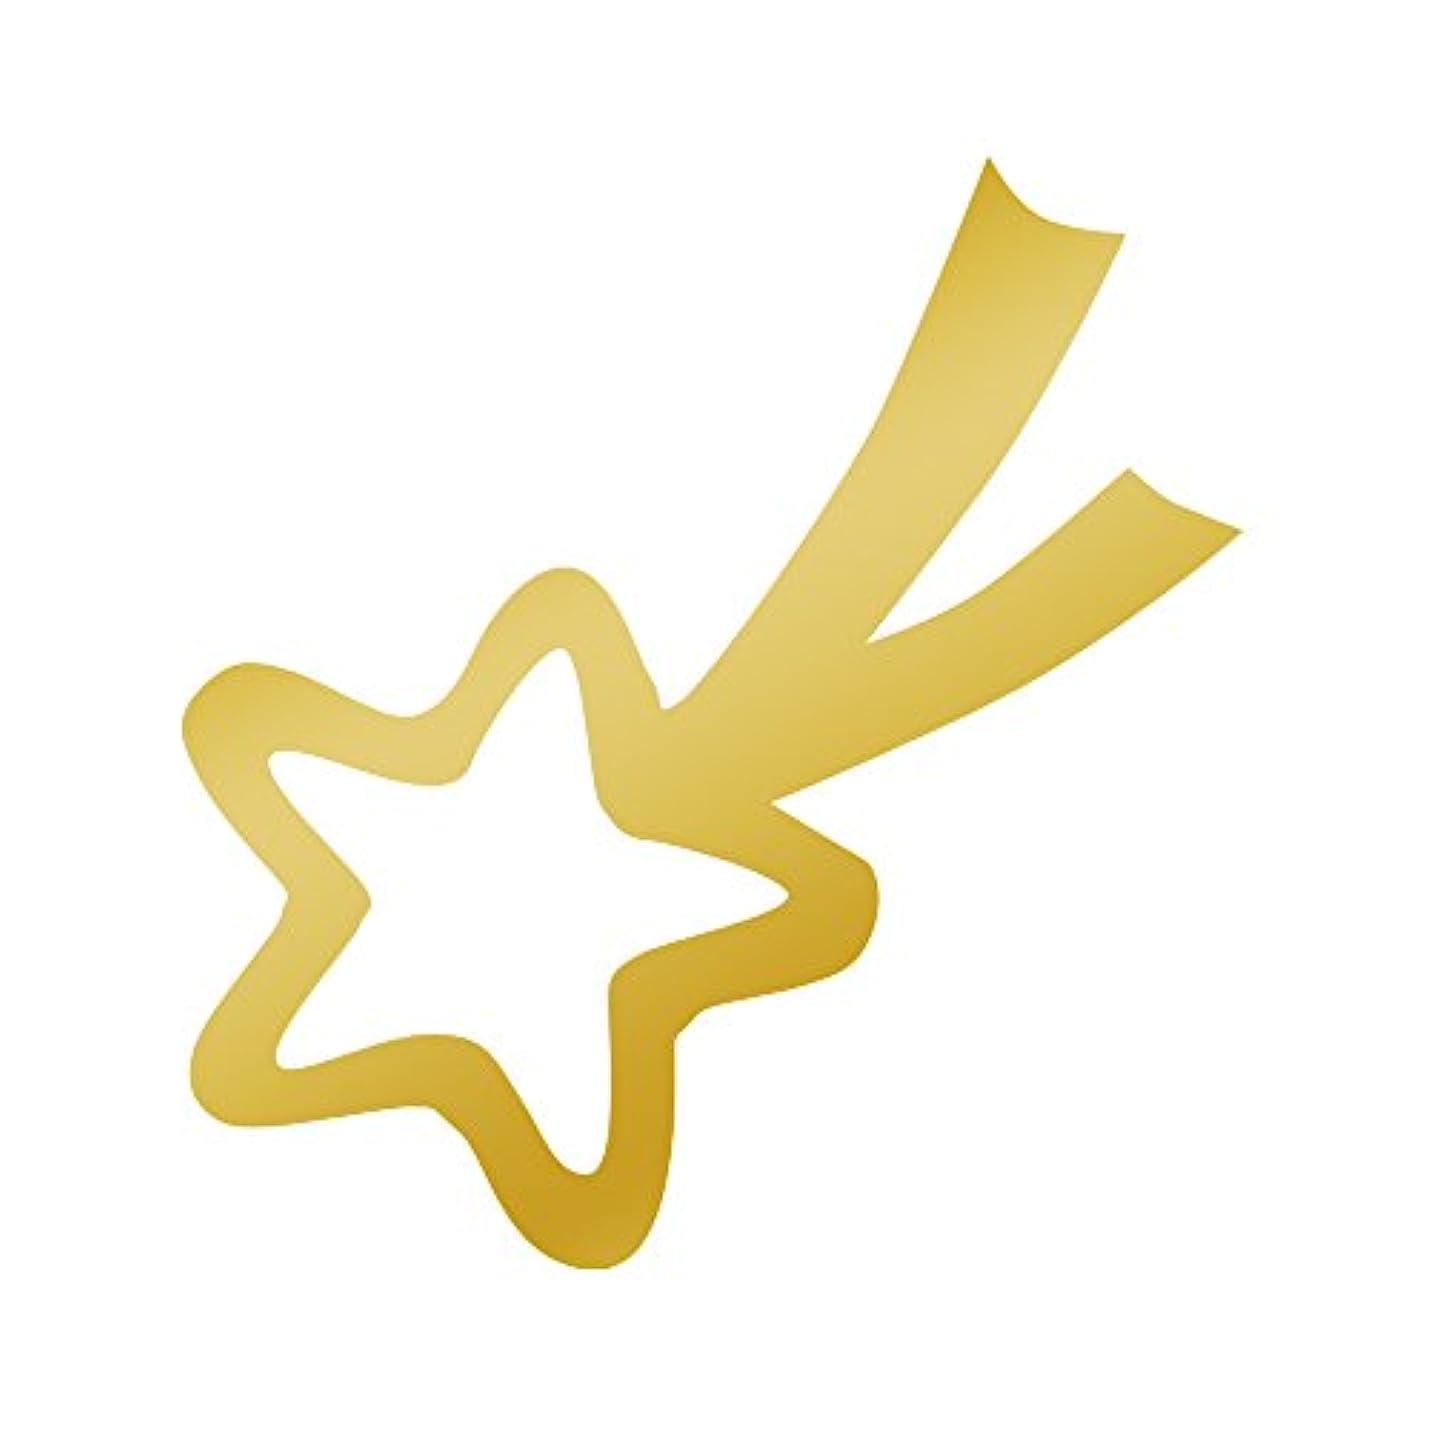 パイロット時間とともに葉を拾うリトルプリティー ネイルアートパーツ 流れ星 S ゴールド 10個